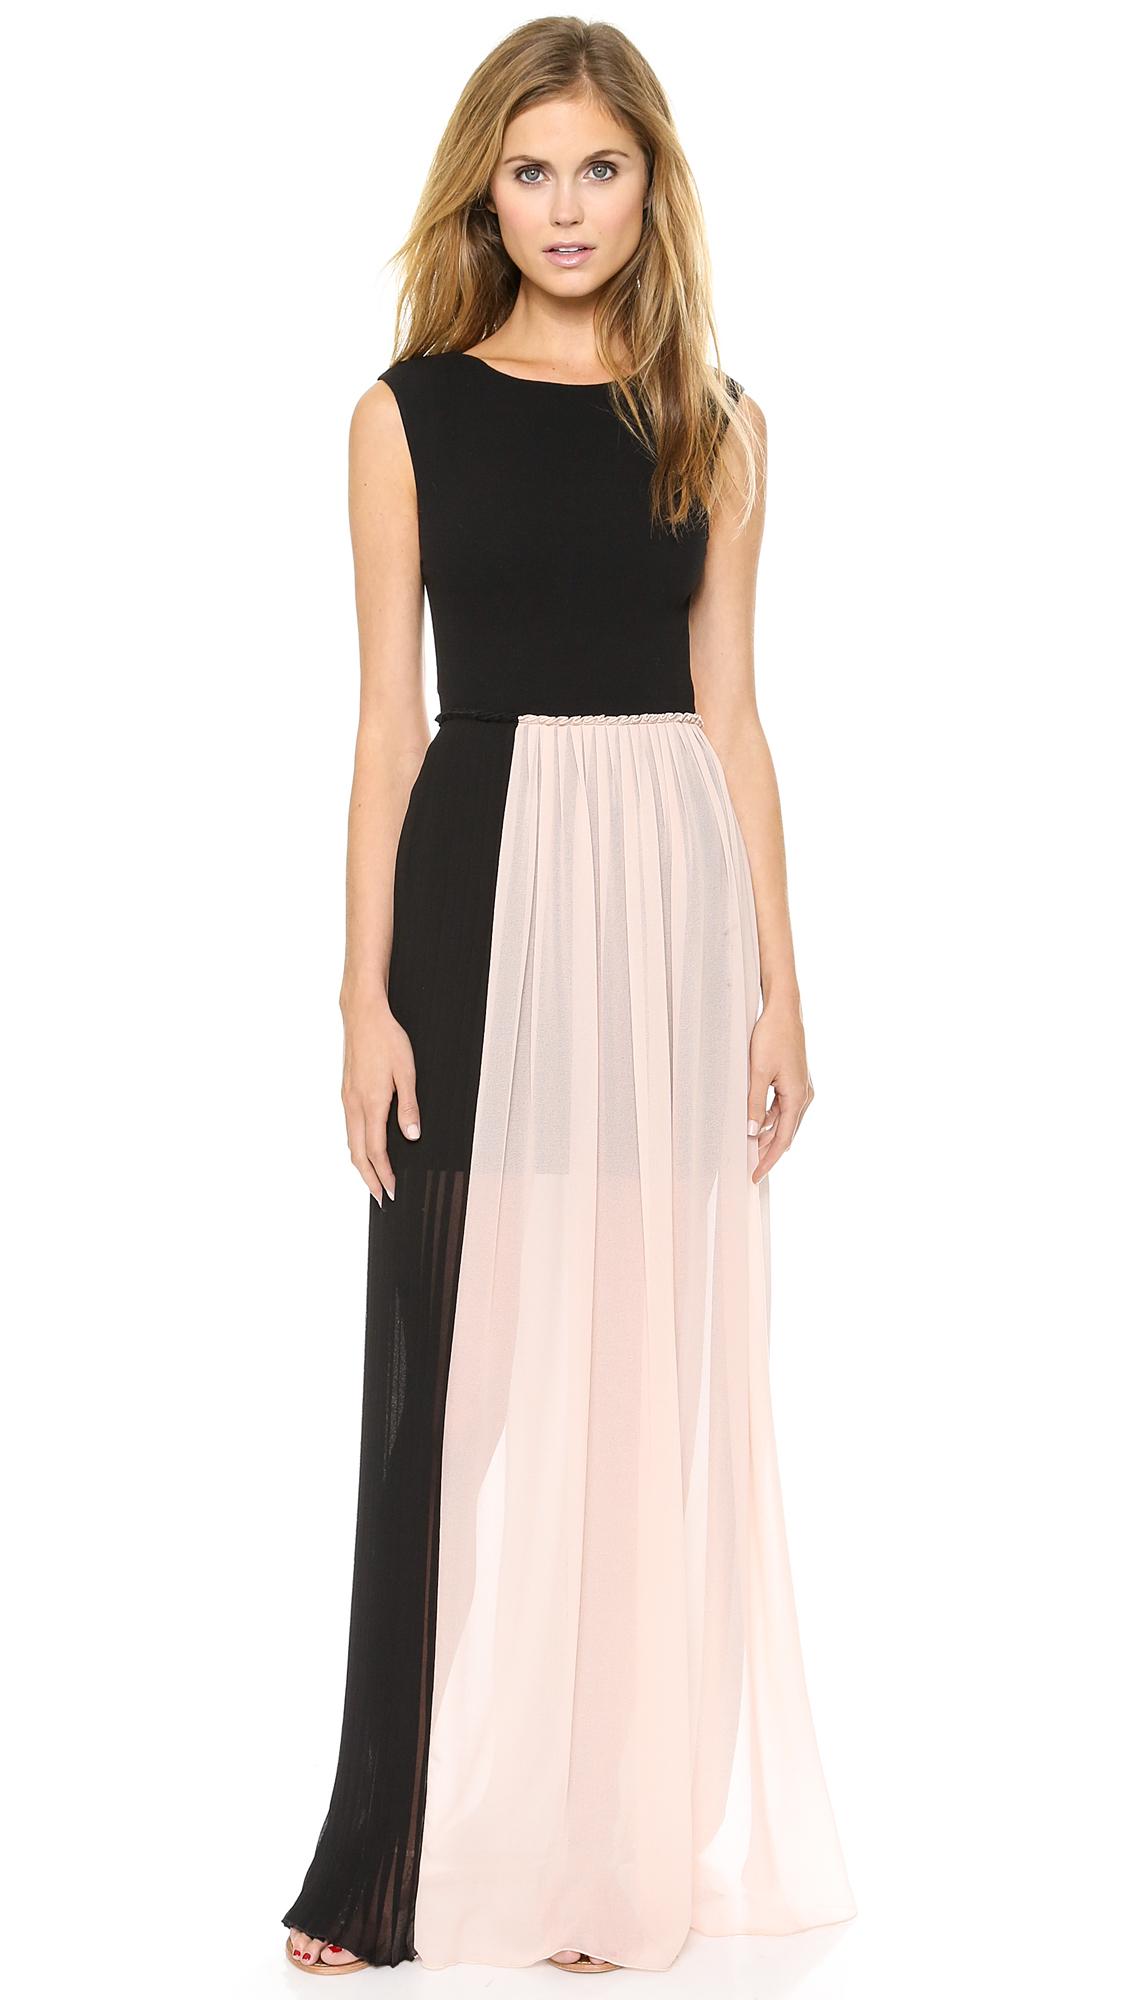 a56d6dbdd17 Alice + Olivia Alice + Olivia Reid Maxi Dress - Black in Black - Lyst